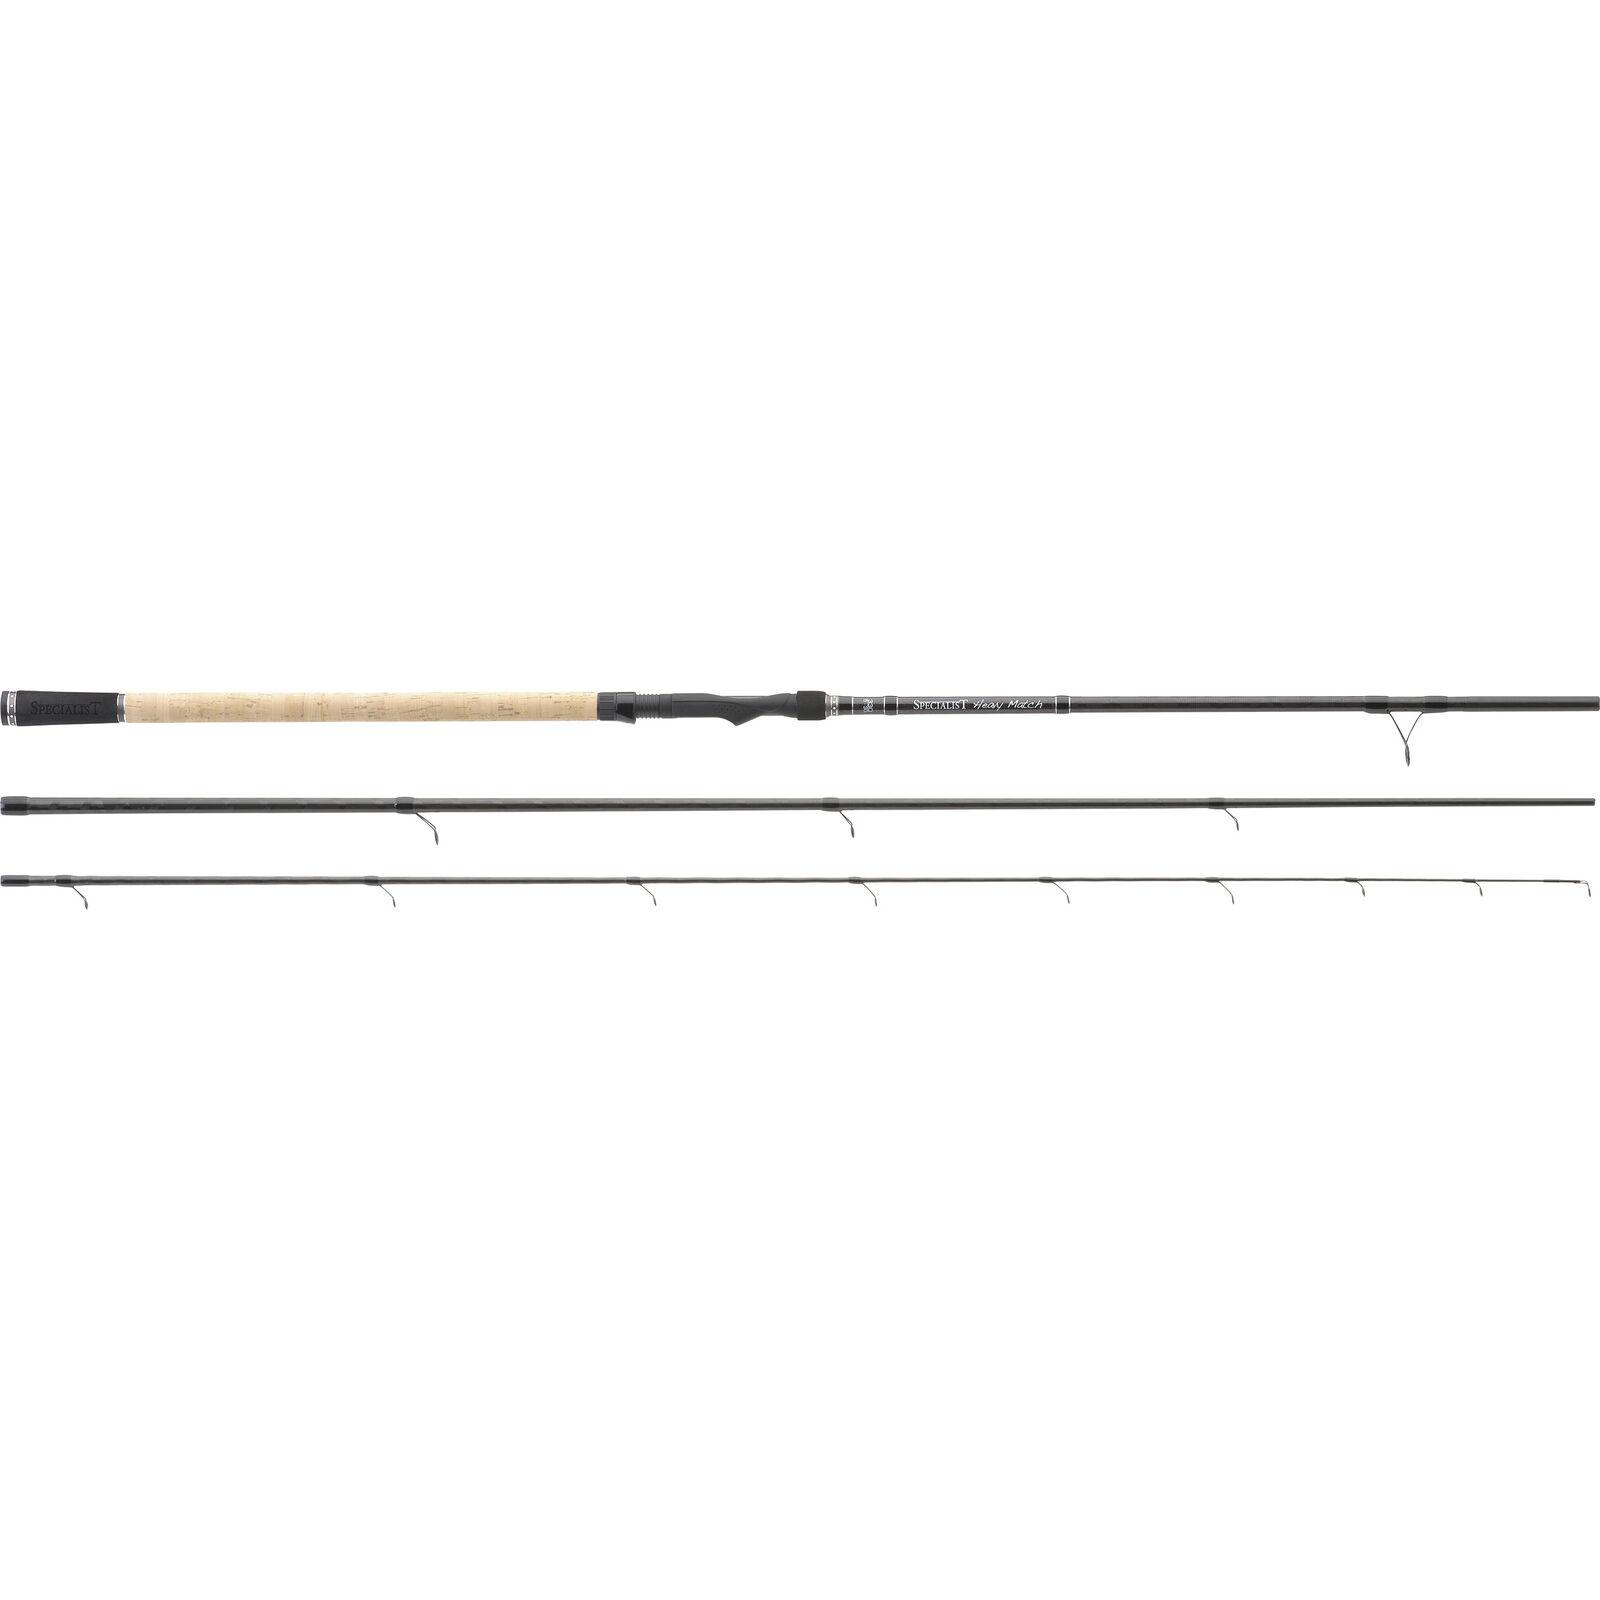 SAENGER Specialist Heavy Match 4,20m 5-30g Posenrute Matchrute Matchrute Matchrute Forellenrute 9f01fd